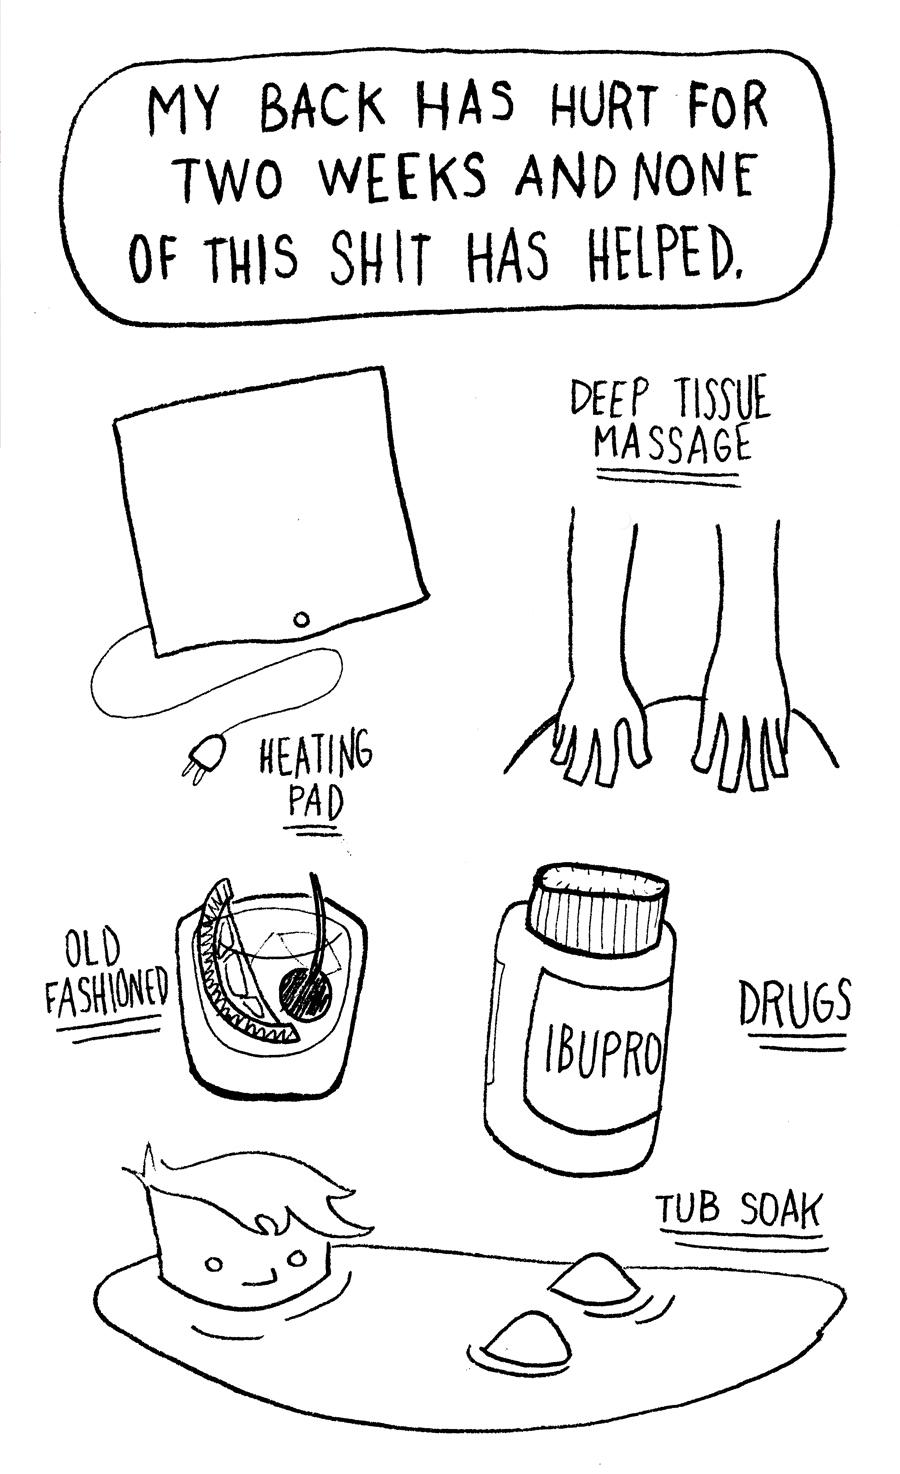 Back Pain List.jpg